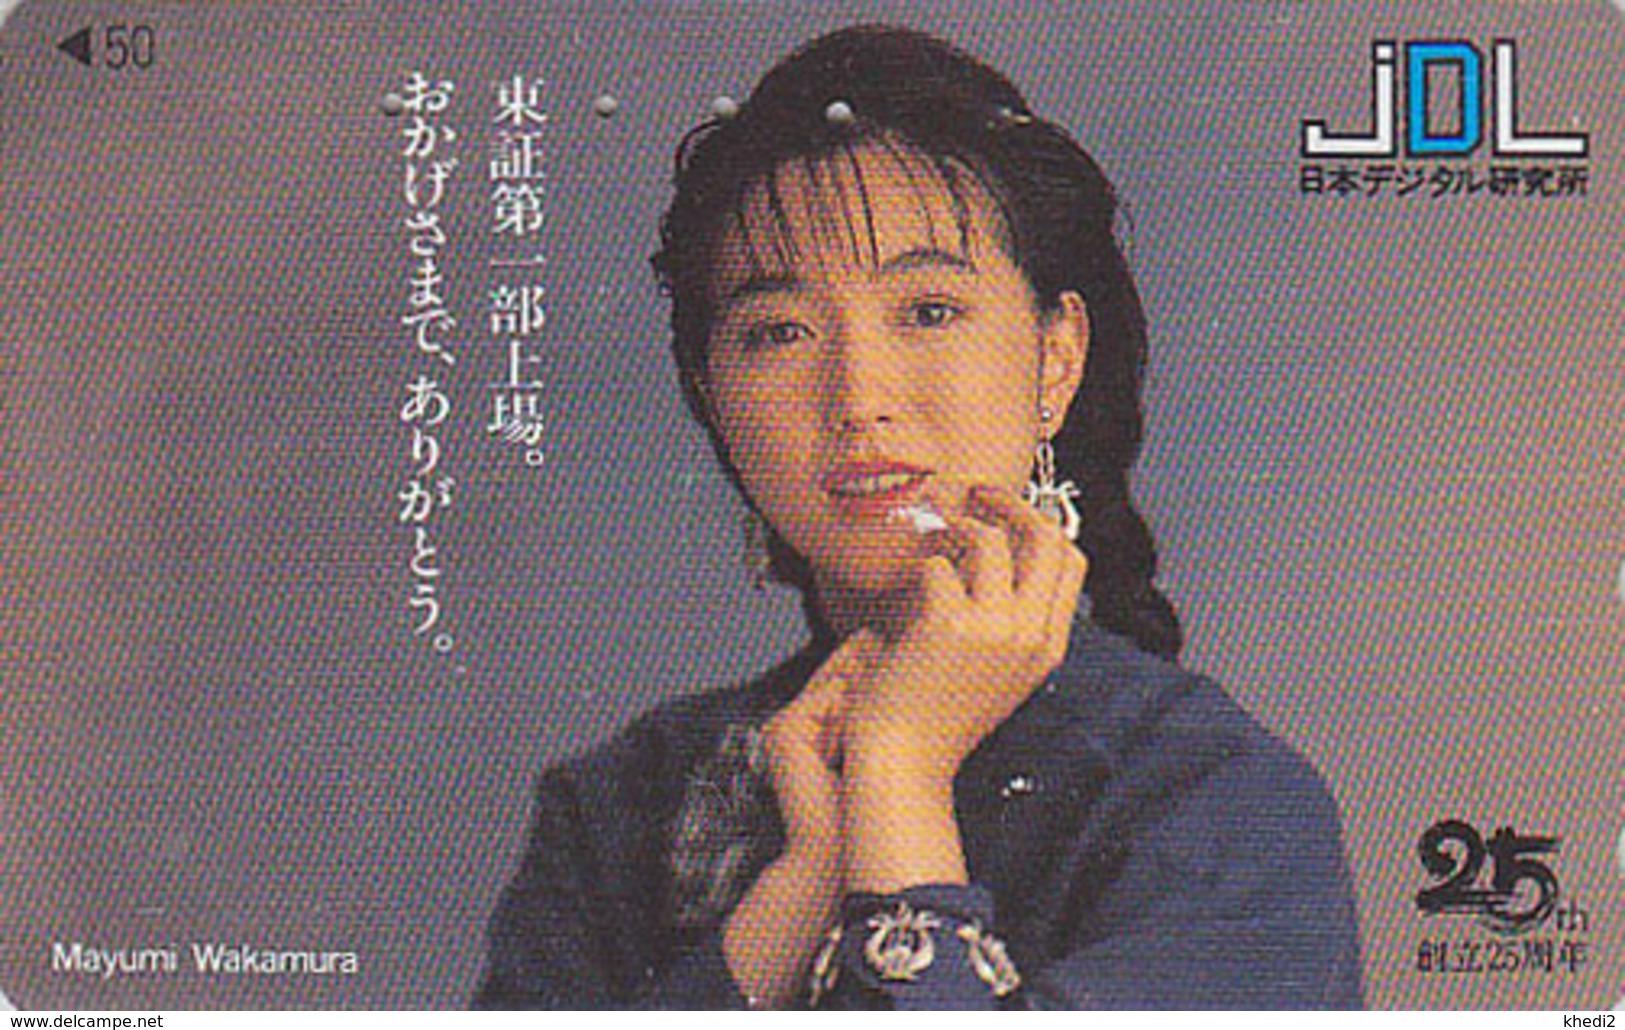 Télécarte Japon / 110-147670 - FEMME Cinema - MAYUMI WAKAMURA * PUB JOL- Woman Actress Girl Japan Phonecard - 2787 - Cinéma